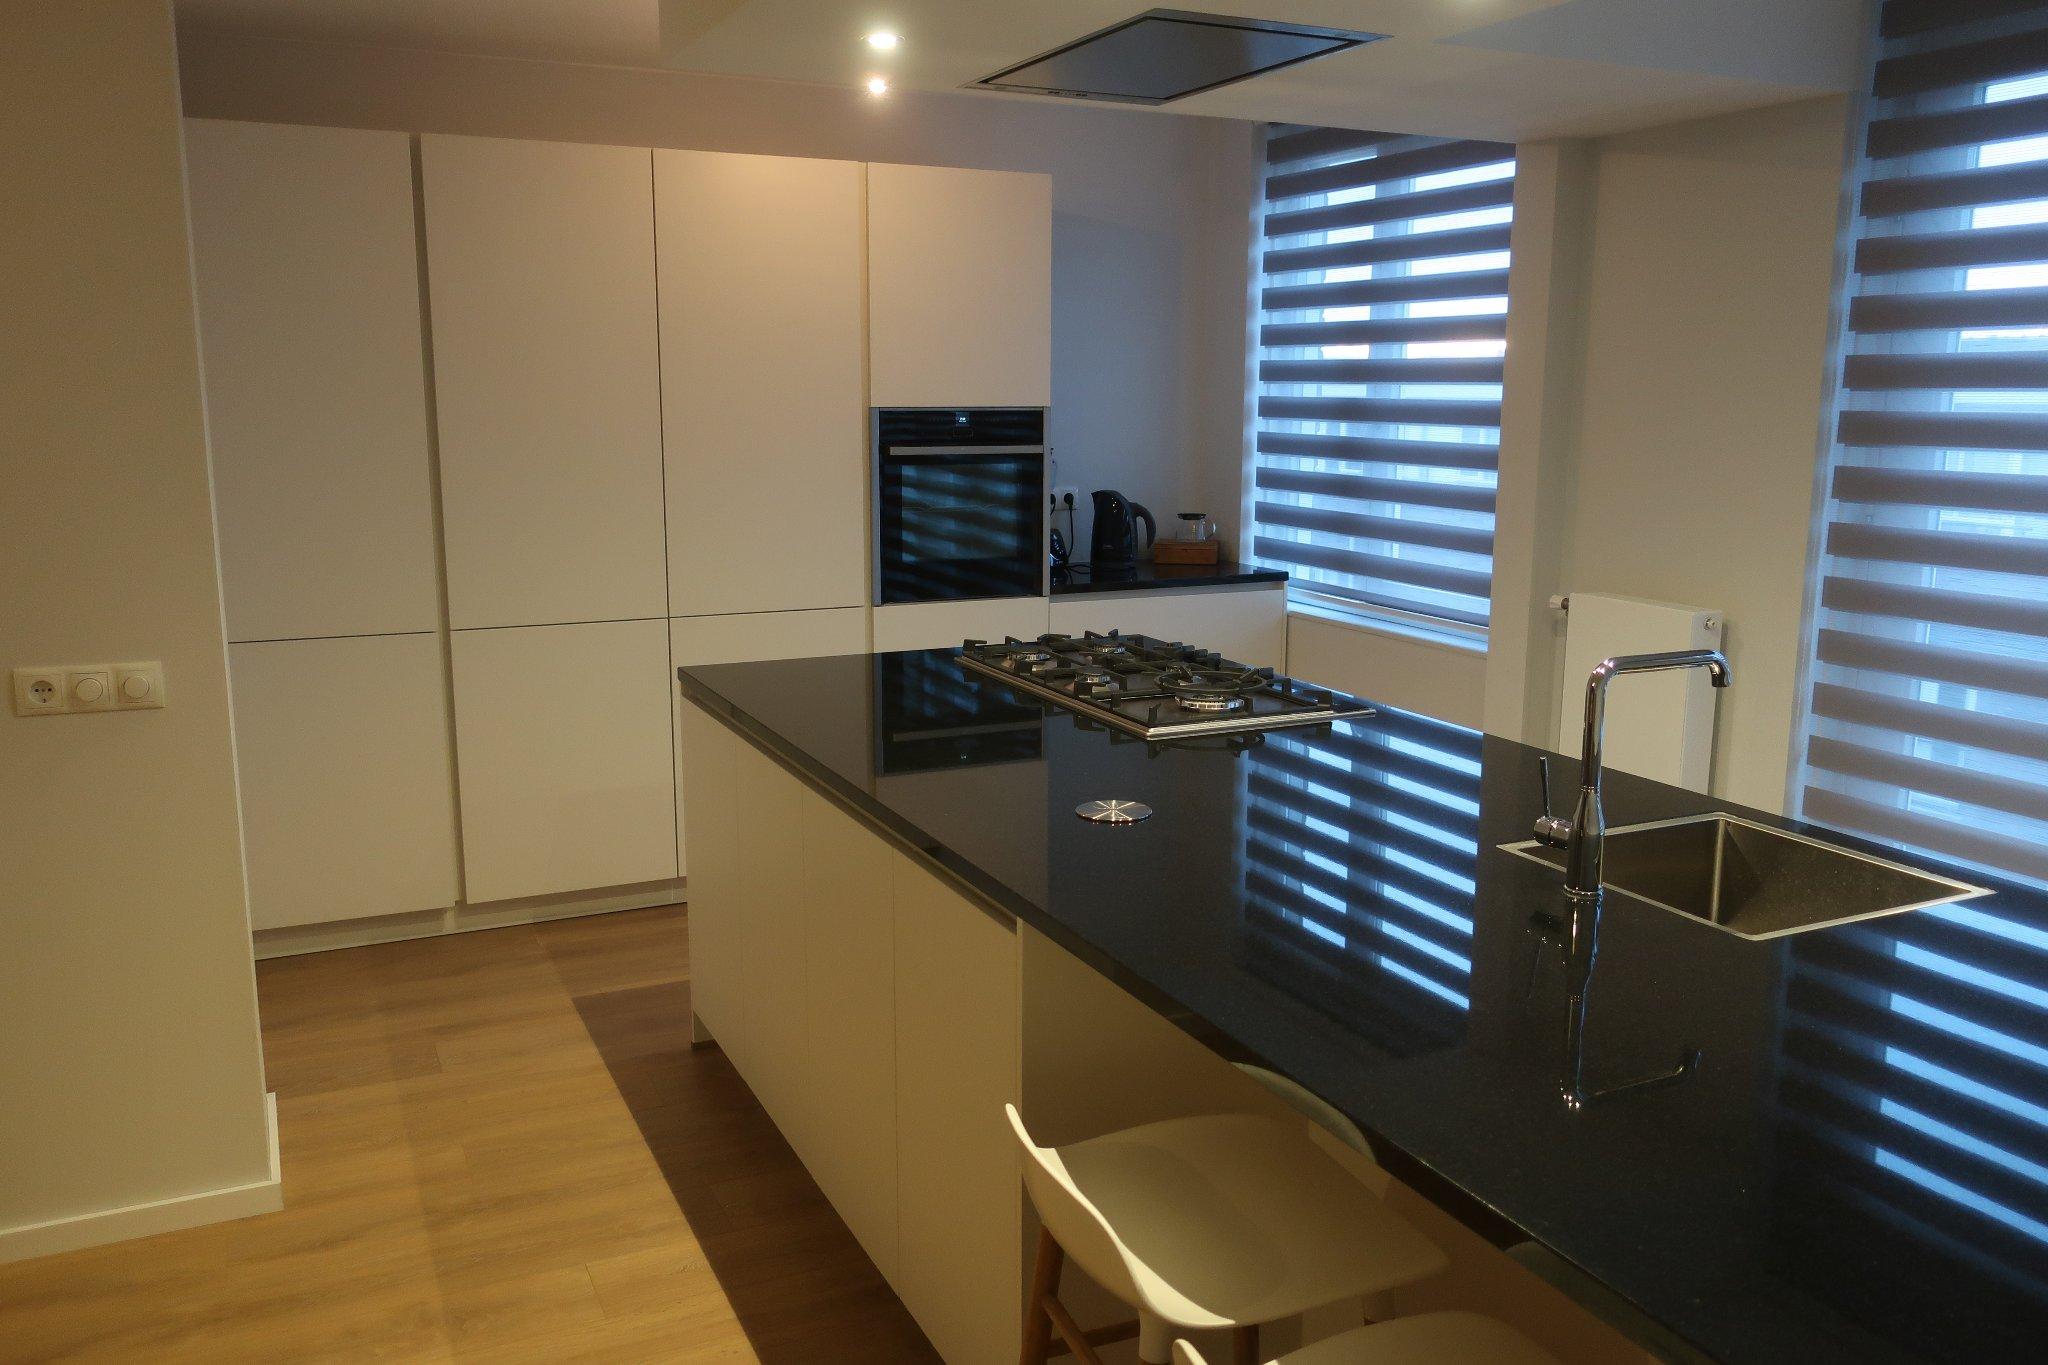 Ongelooflijk keukens leiderdorp layout woondecoratie